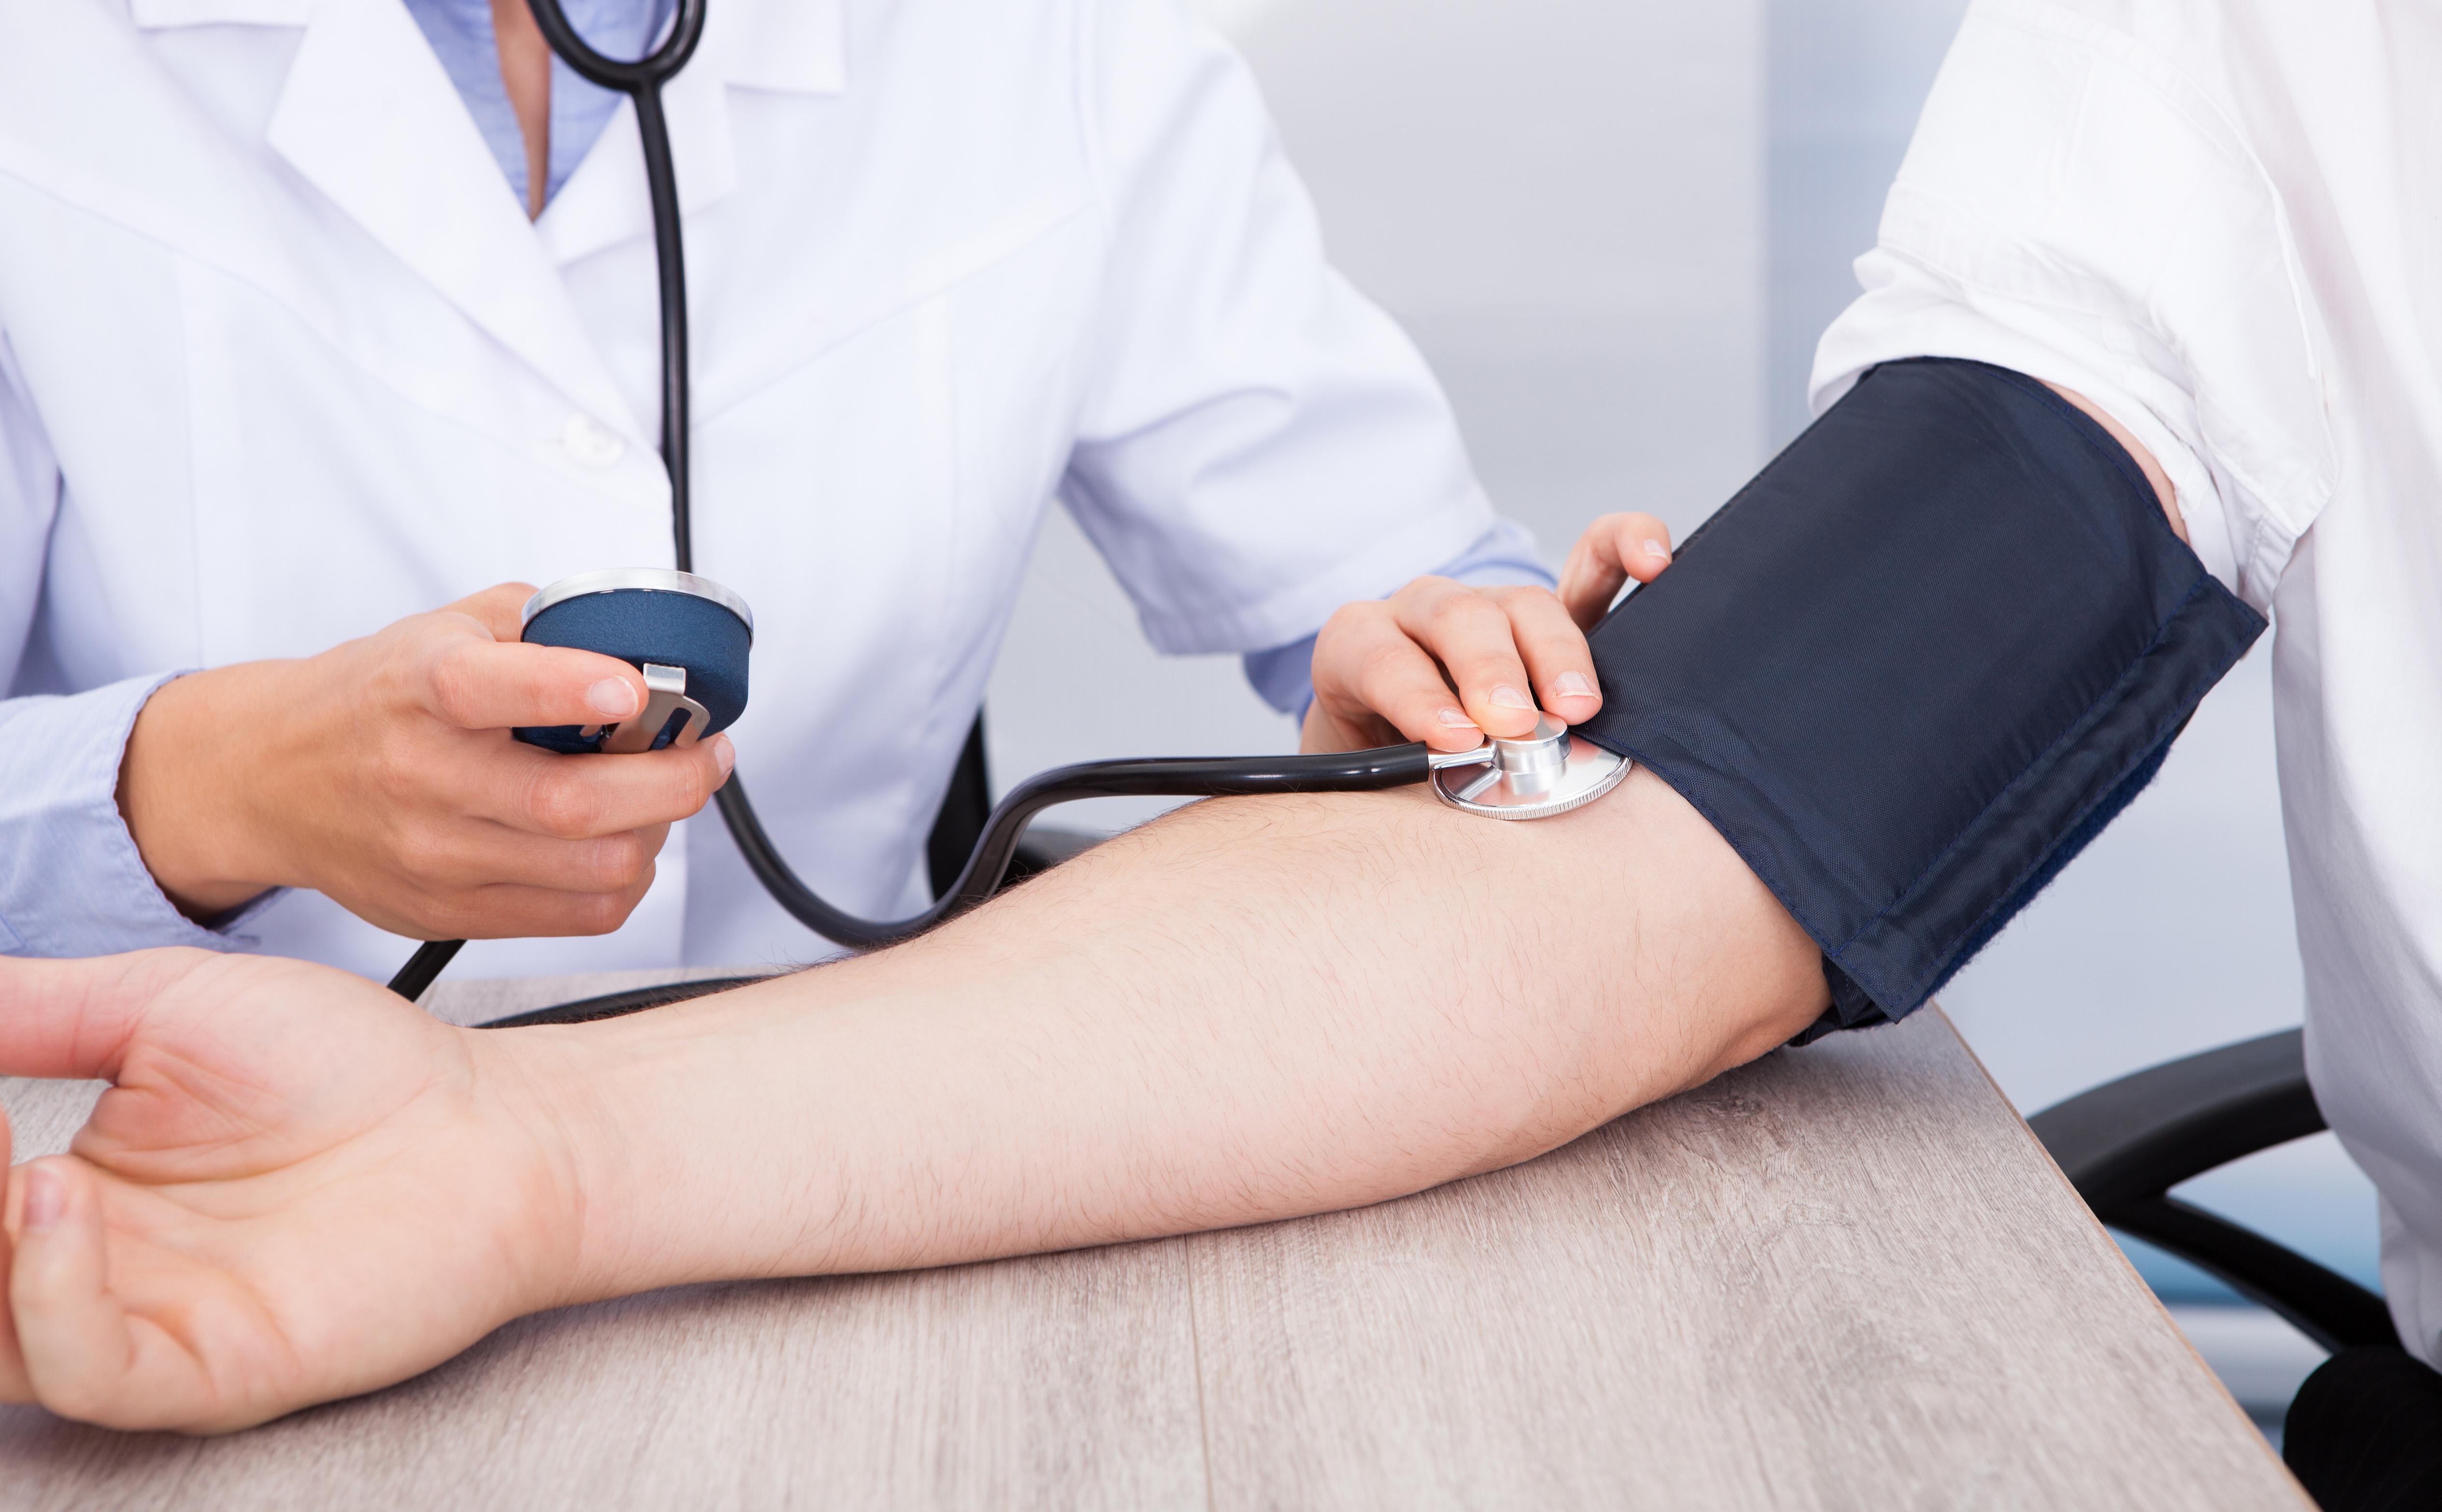 hipertónia kombinációi gyógyszerek kompatibilitása magas vérnyomás esetén